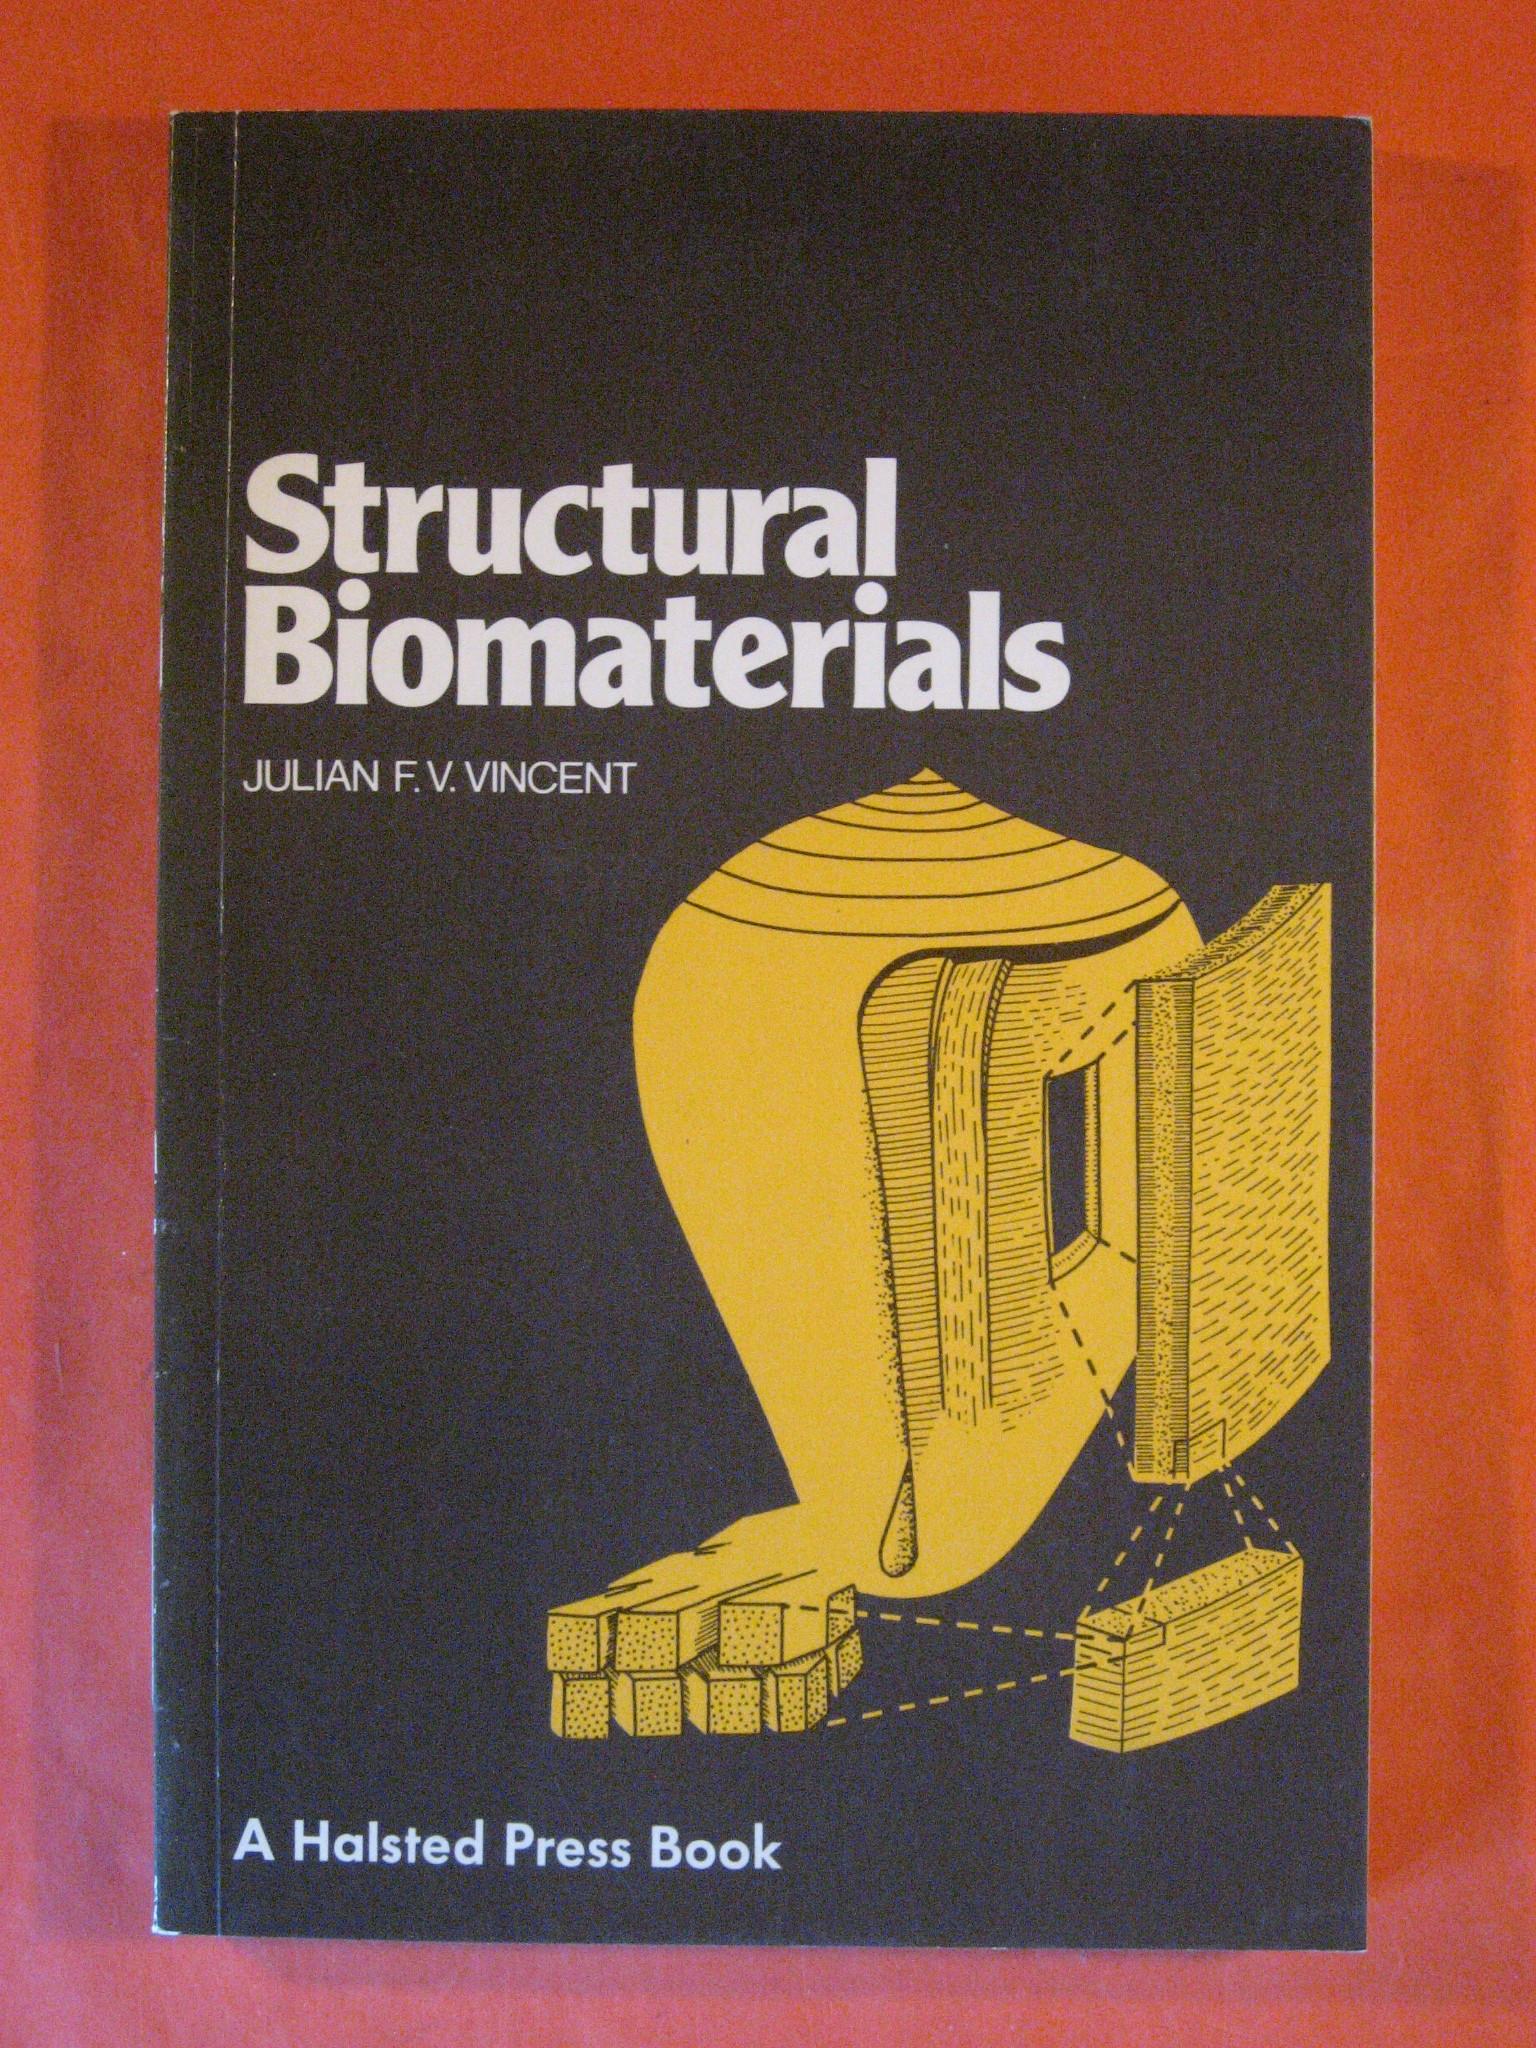 Structural Biomaterials, Vincent, Julian F. V